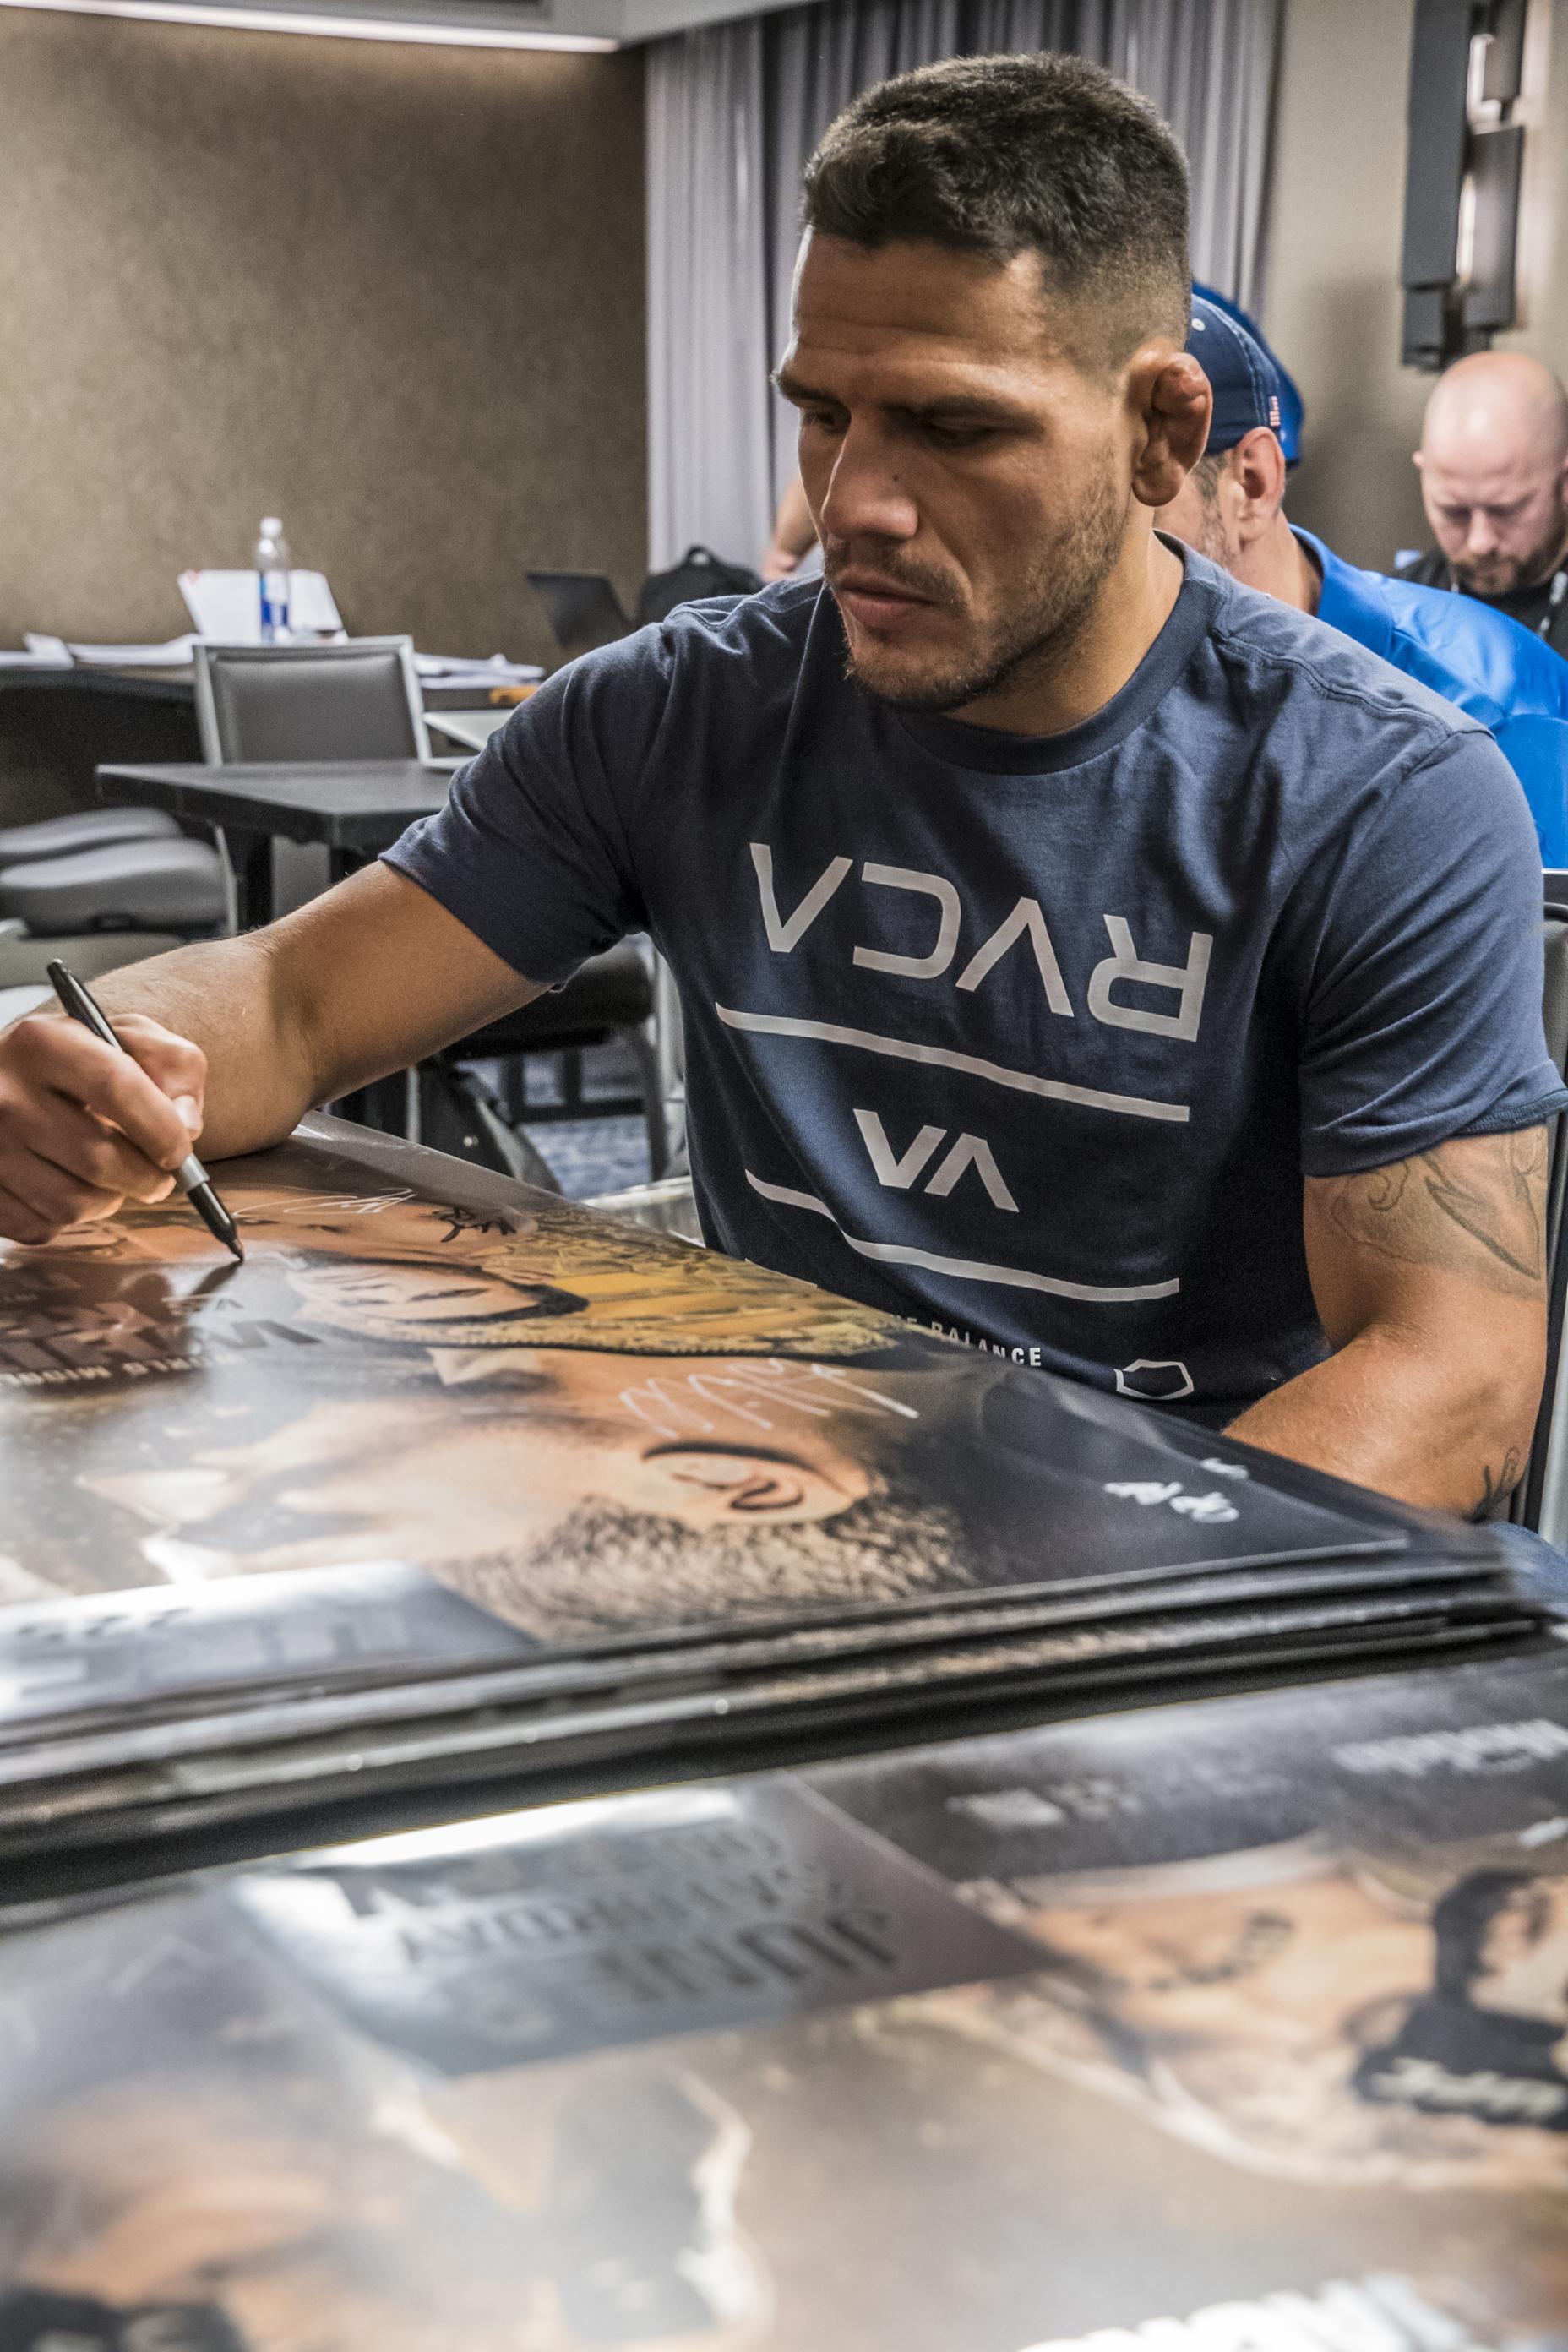 RDA at UFC 225 check-ins (Photo by Juan Cardenas/Zuffa LLC)